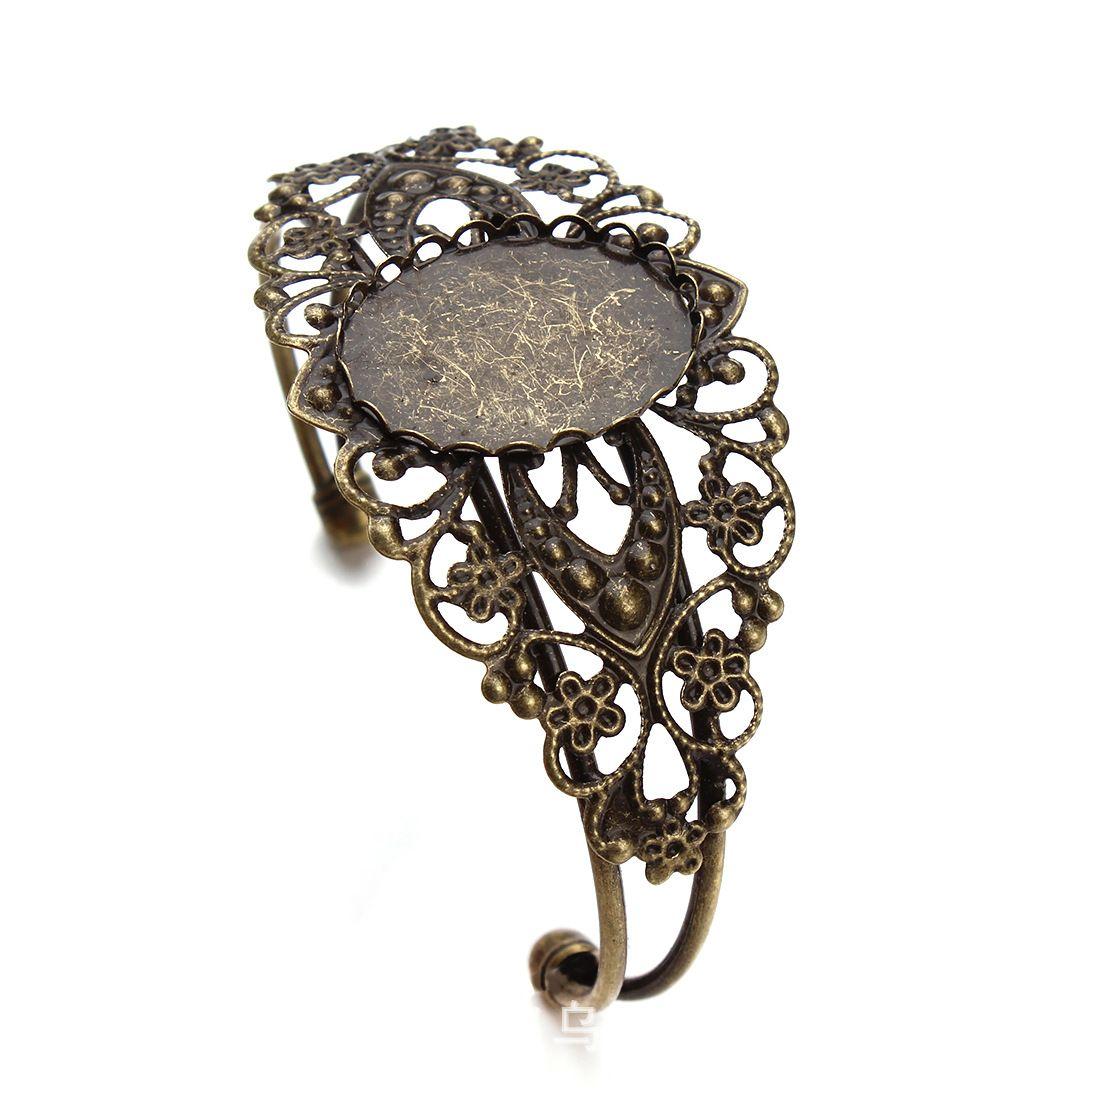 Браслет меднение золото серебро бронза розовое золото поколение 18 мм * 25 мм овальный безель-набор, лоток, регулируемый, медная пластина, Оптовая,